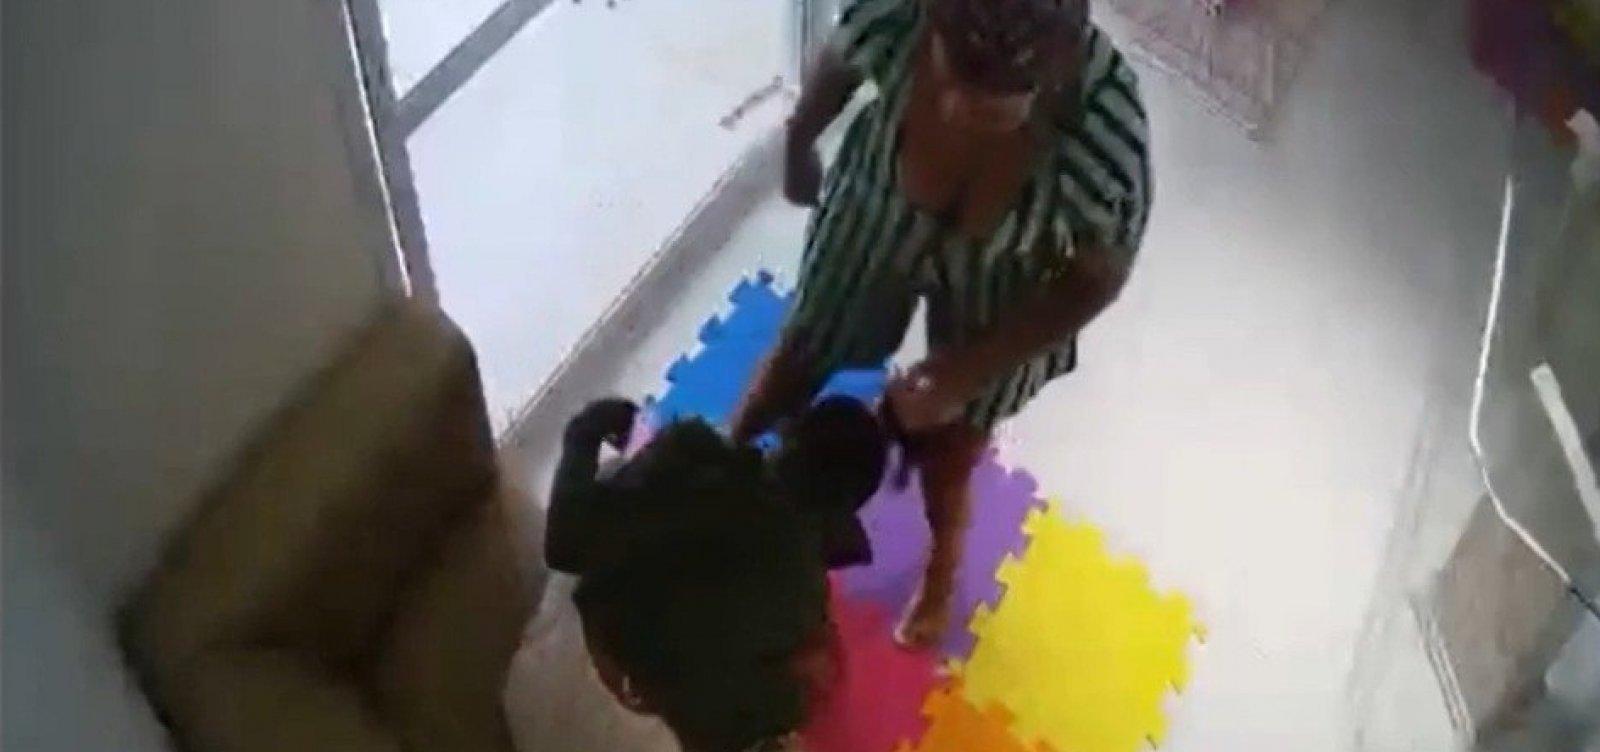 Ex-patroa que agrediu babá no Imbuí coloca tornozeleira eletrônica